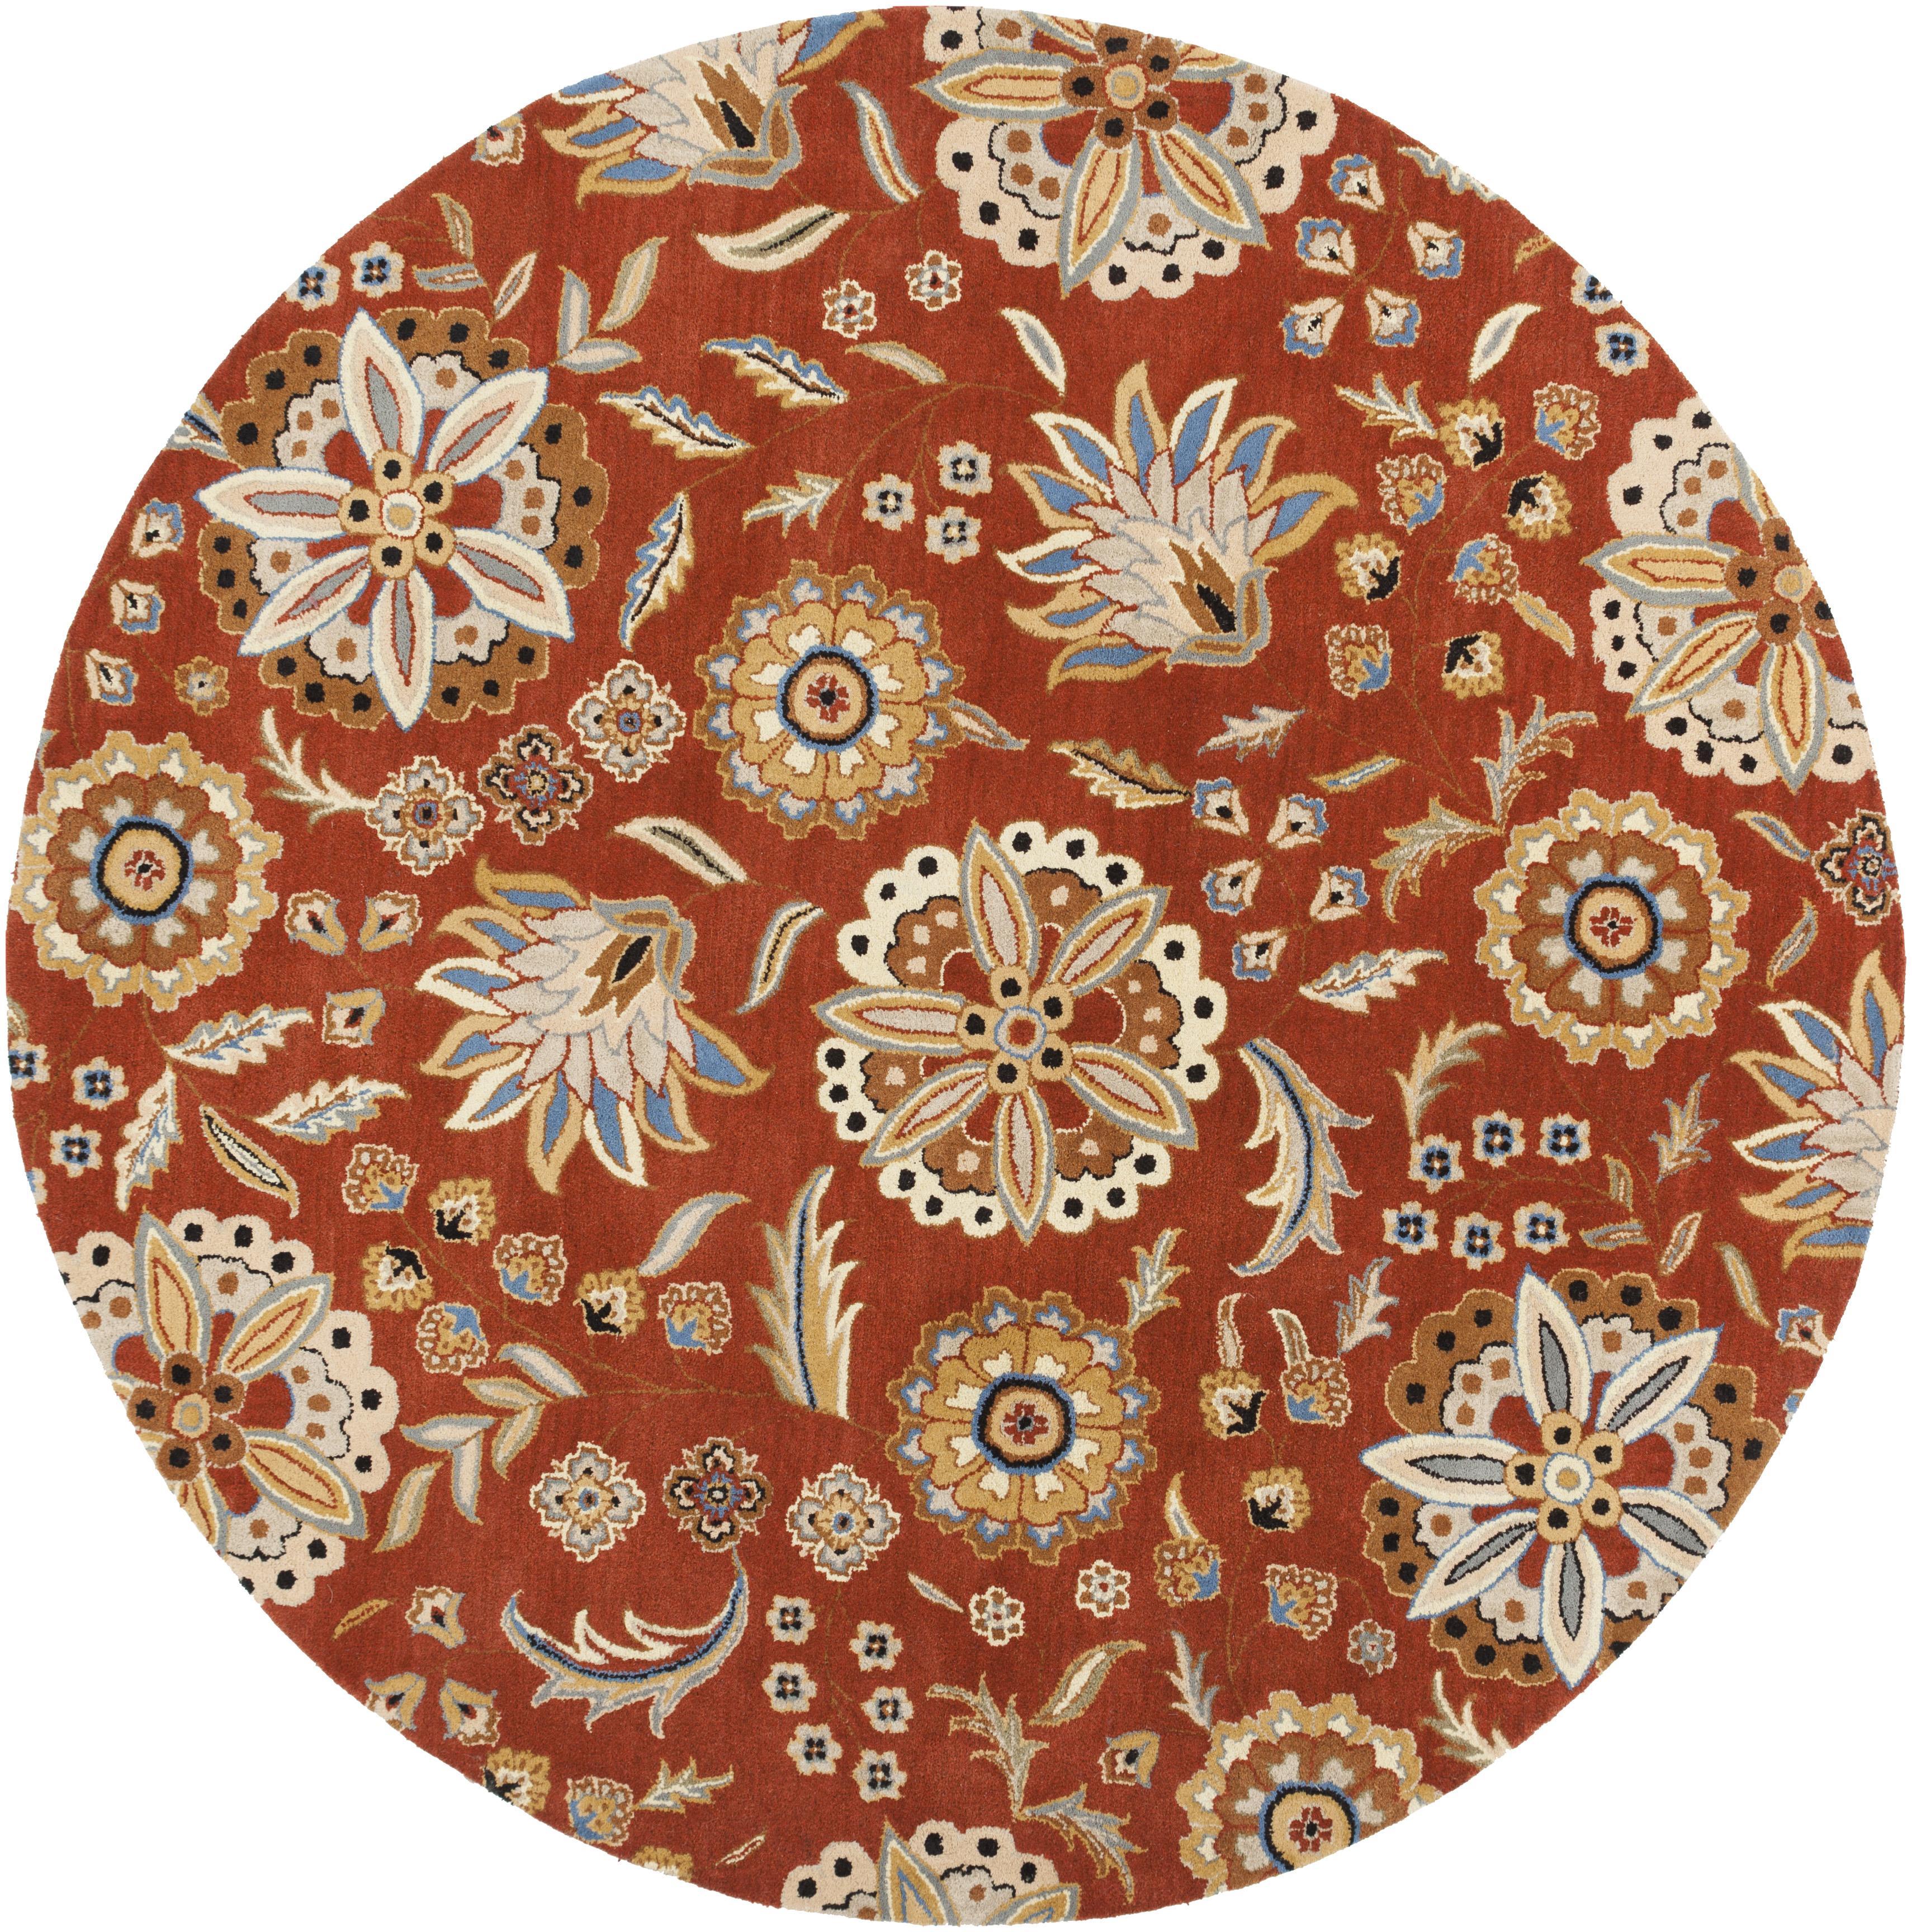 Surya Athena 4' Round - Item Number: ATH5126-4RD